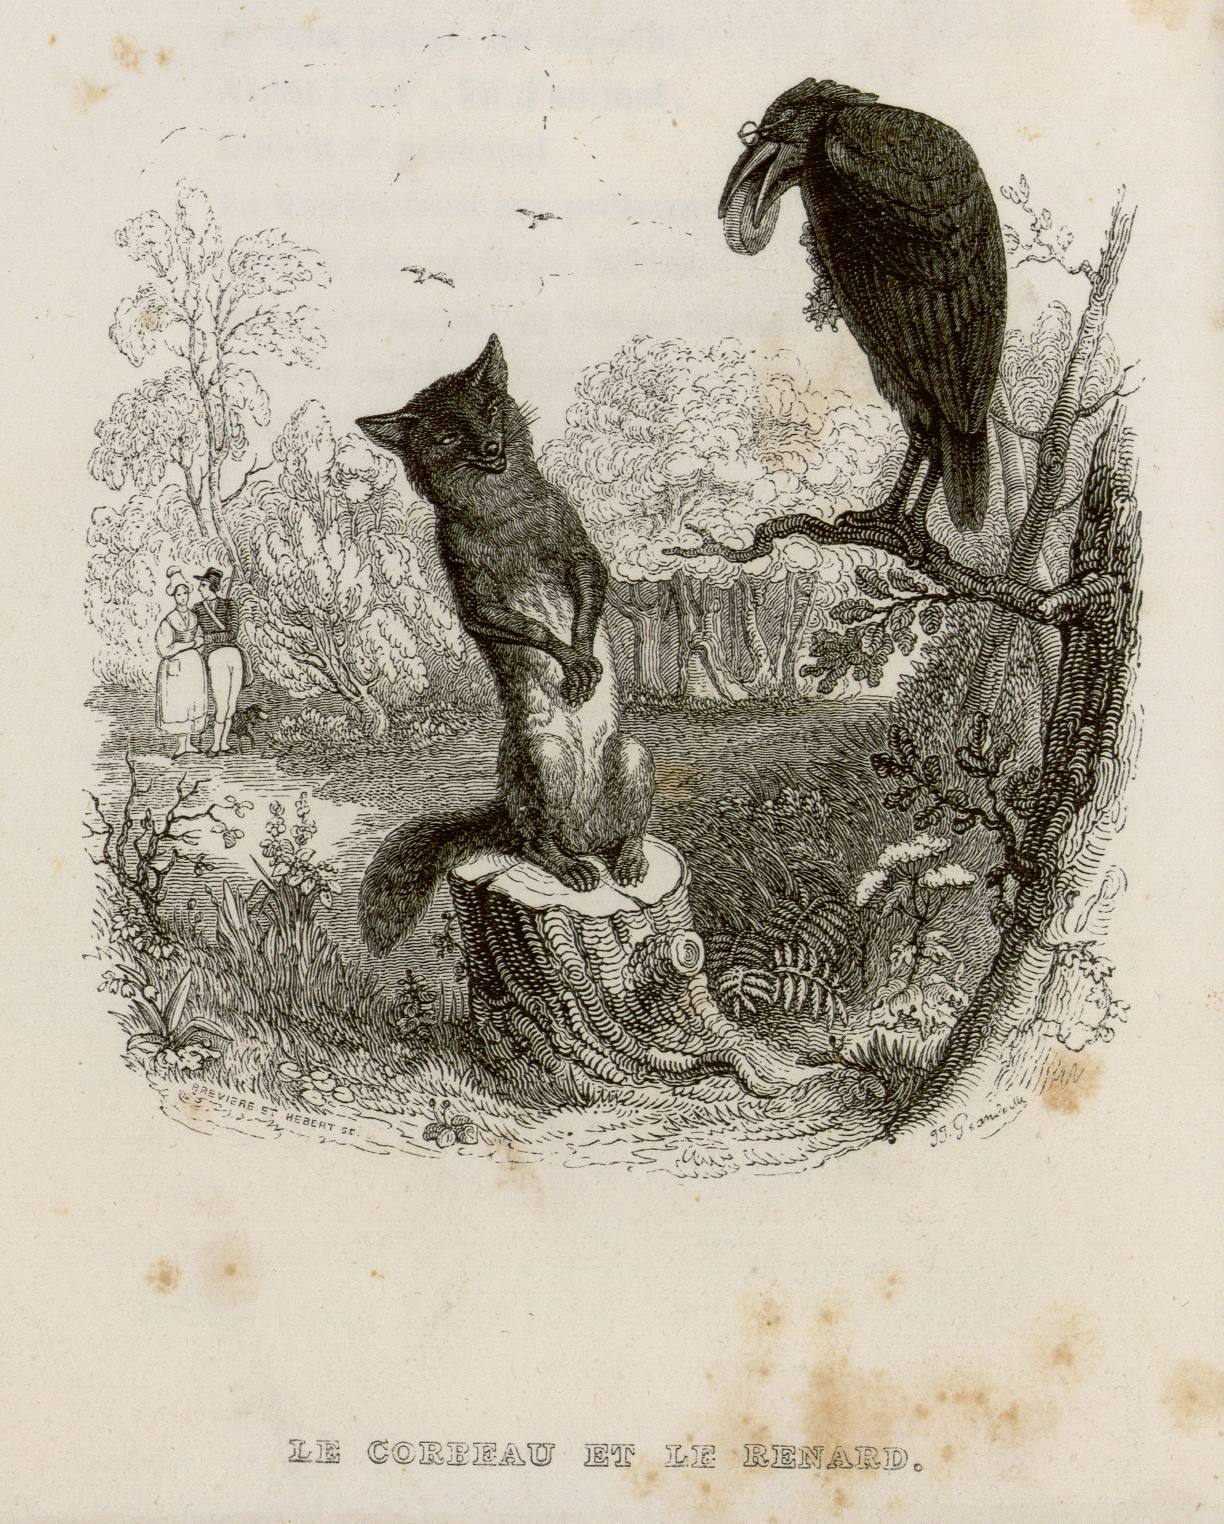 Contenu du Le corbeau et le renard